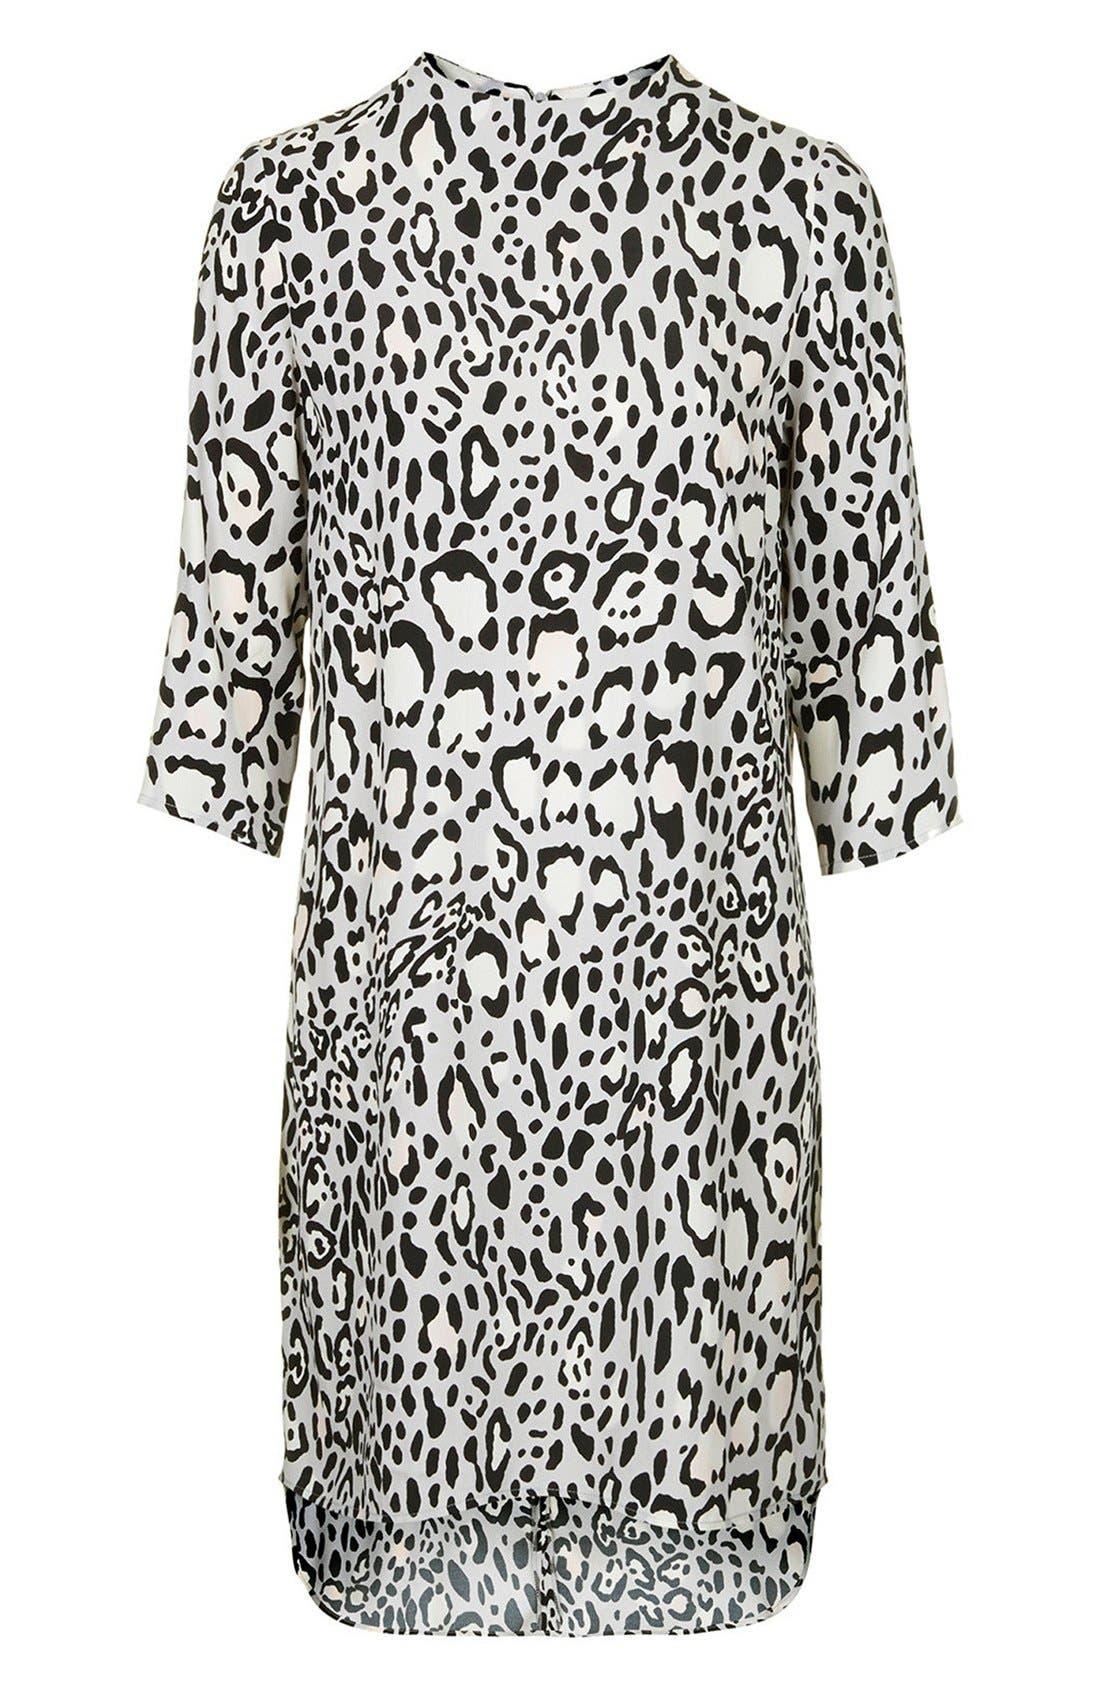 TOPSHOP,                             Monochrome High Neck Dress,                             Alternate thumbnail 4, color,                             001